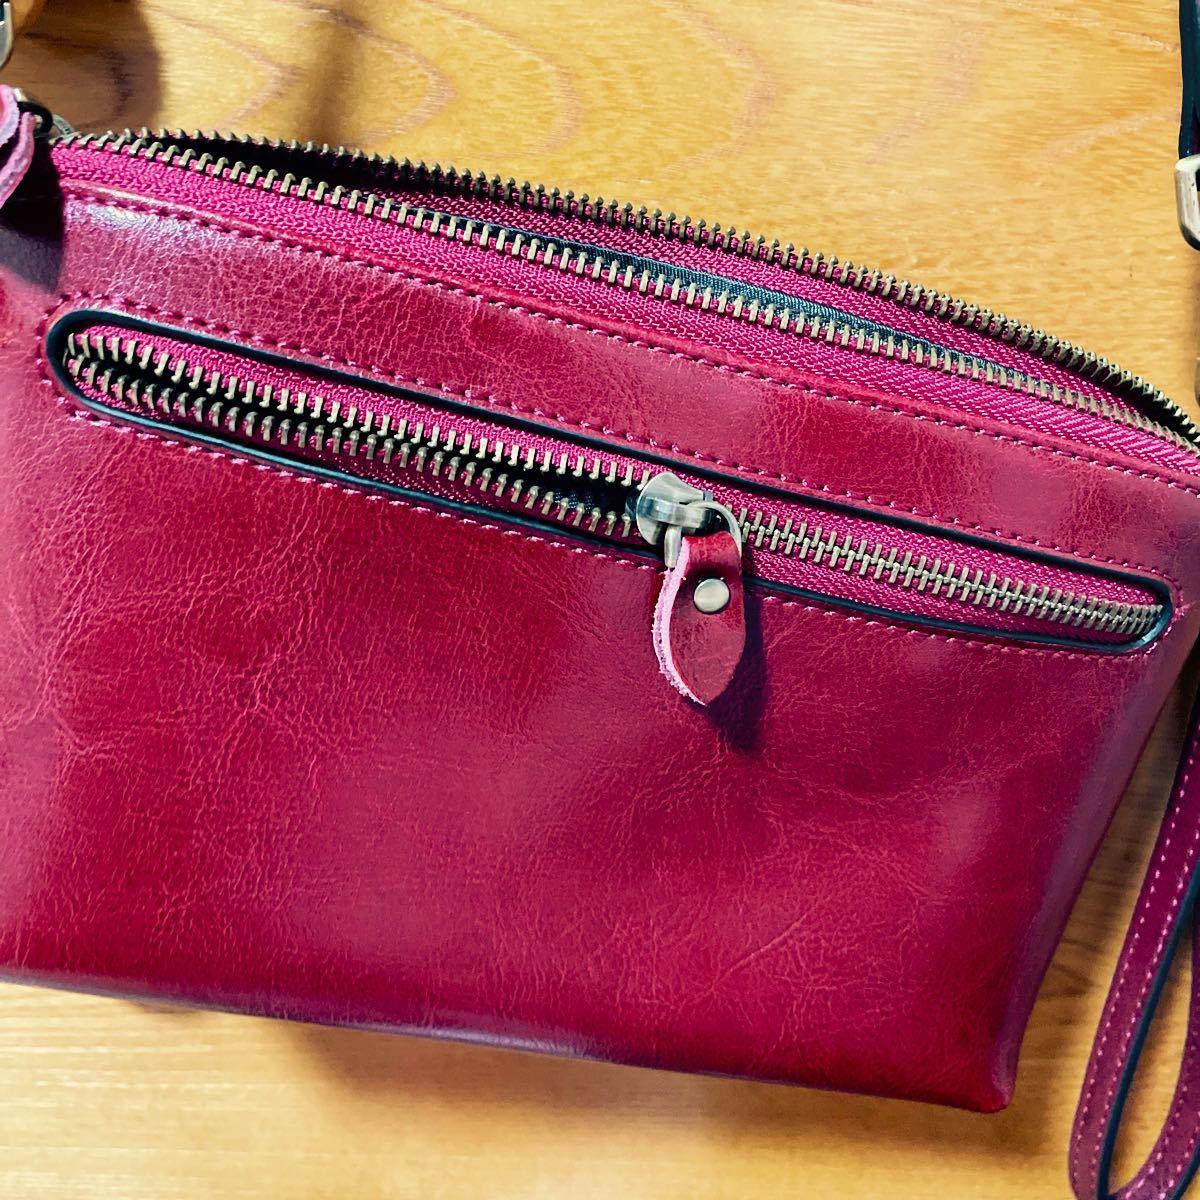 ショルダーバッグ レディース ミニ 本革 牛革 可愛い 斜めがけ 軽量 小さめ カジュアル 旅行 肩掛け レディースバッグ 鞄